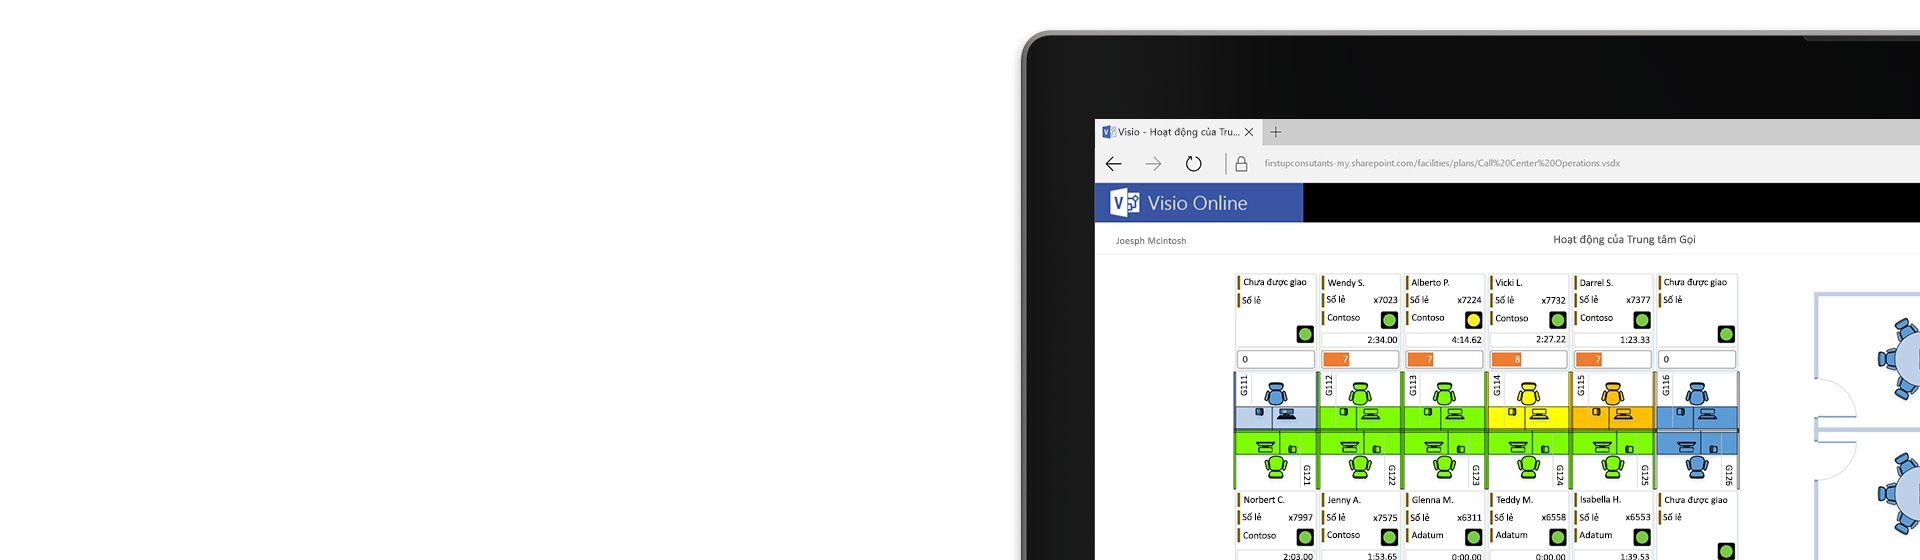 Một góc màn hình máy tính hiển thị sơ đồ phòng tổng đài trong Visio